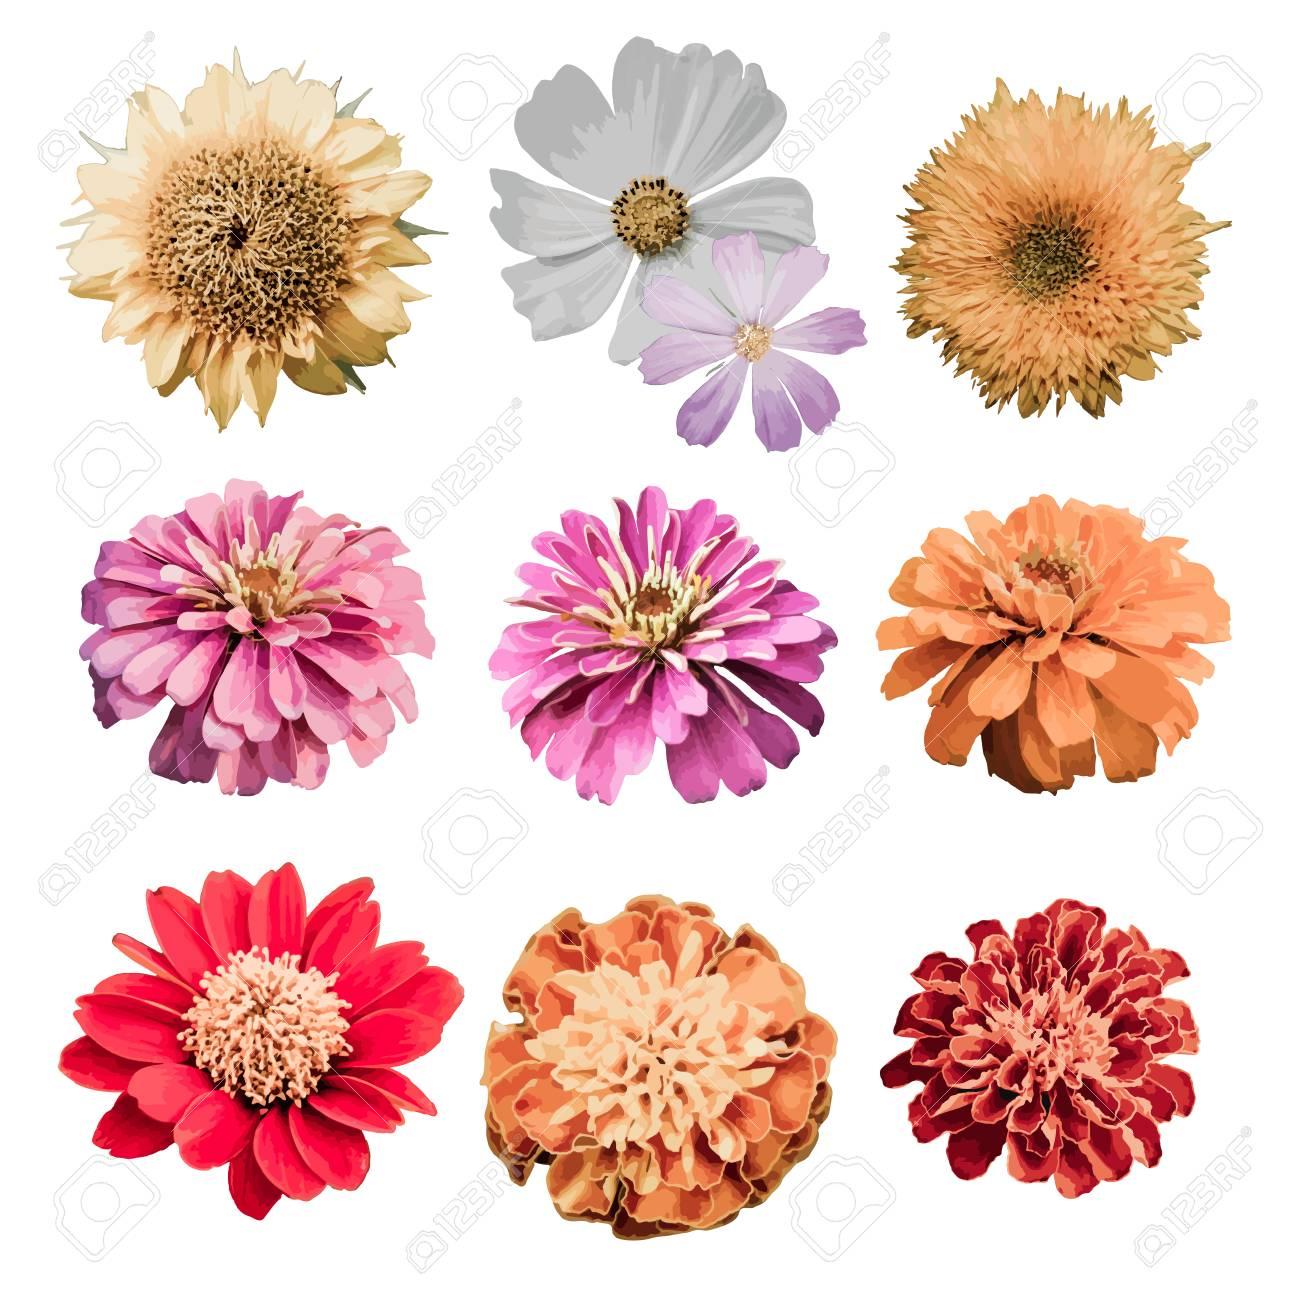 Vector floral design element set - 120150851